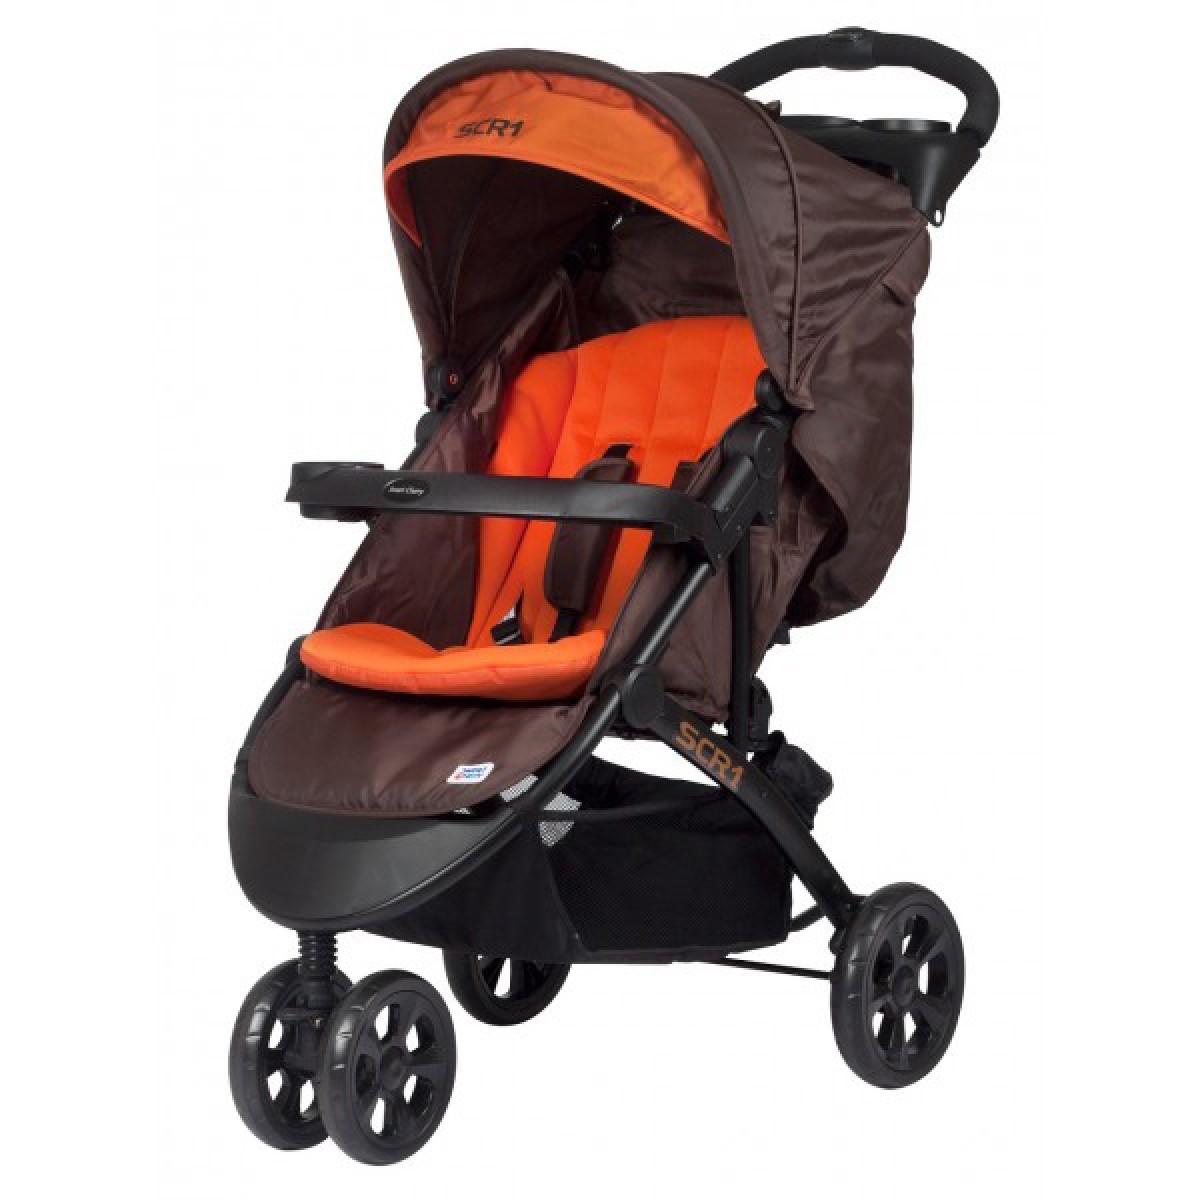 Scr 1 Vigor Jogger - Kico Baby Center